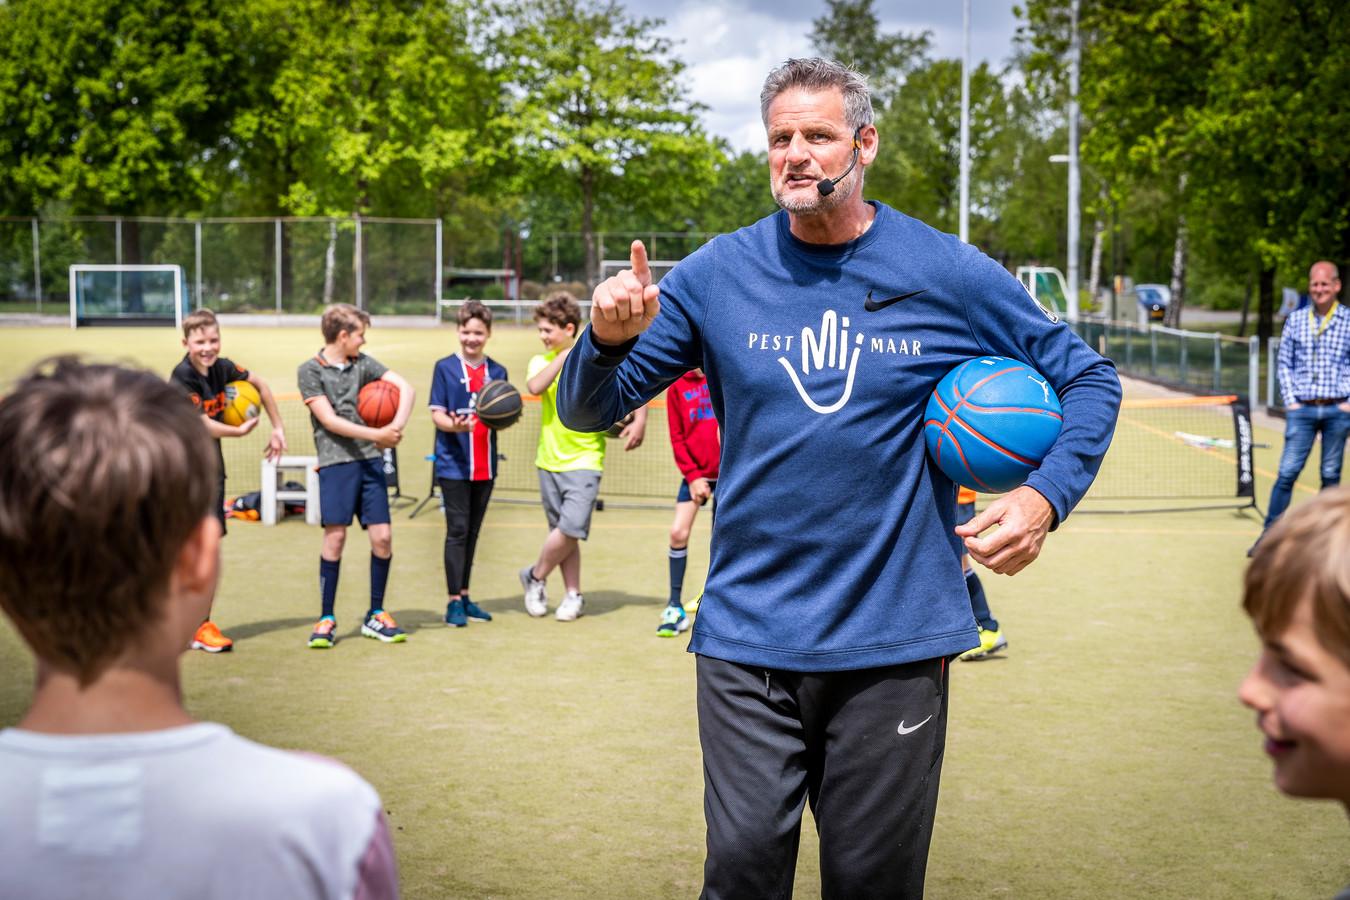 Oud-basketballer Henk Pieterse geeft een sportclinic aan kinderen in Maarheeze.